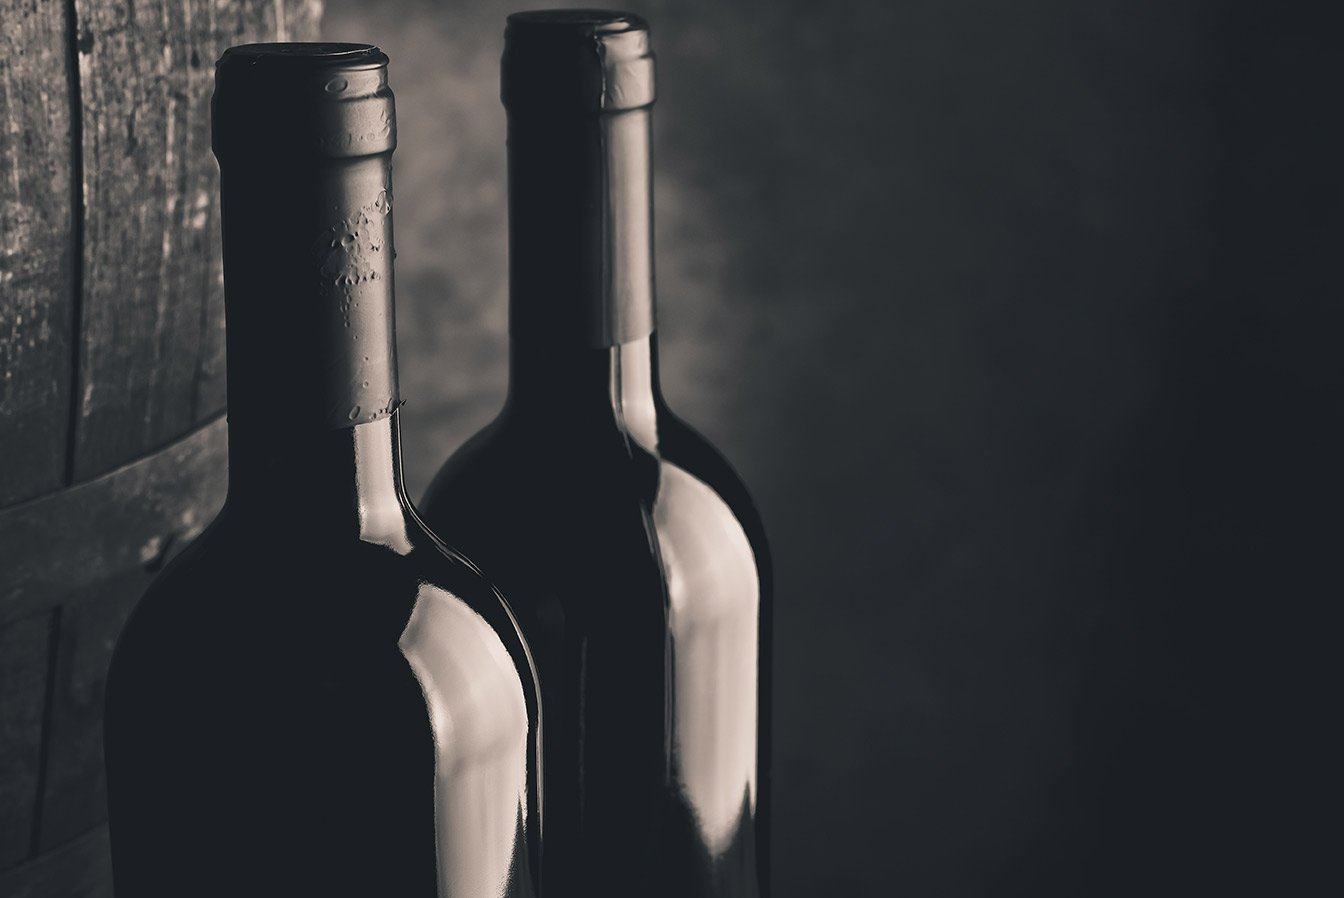 bottiglie di vino su sfondo nero e barile